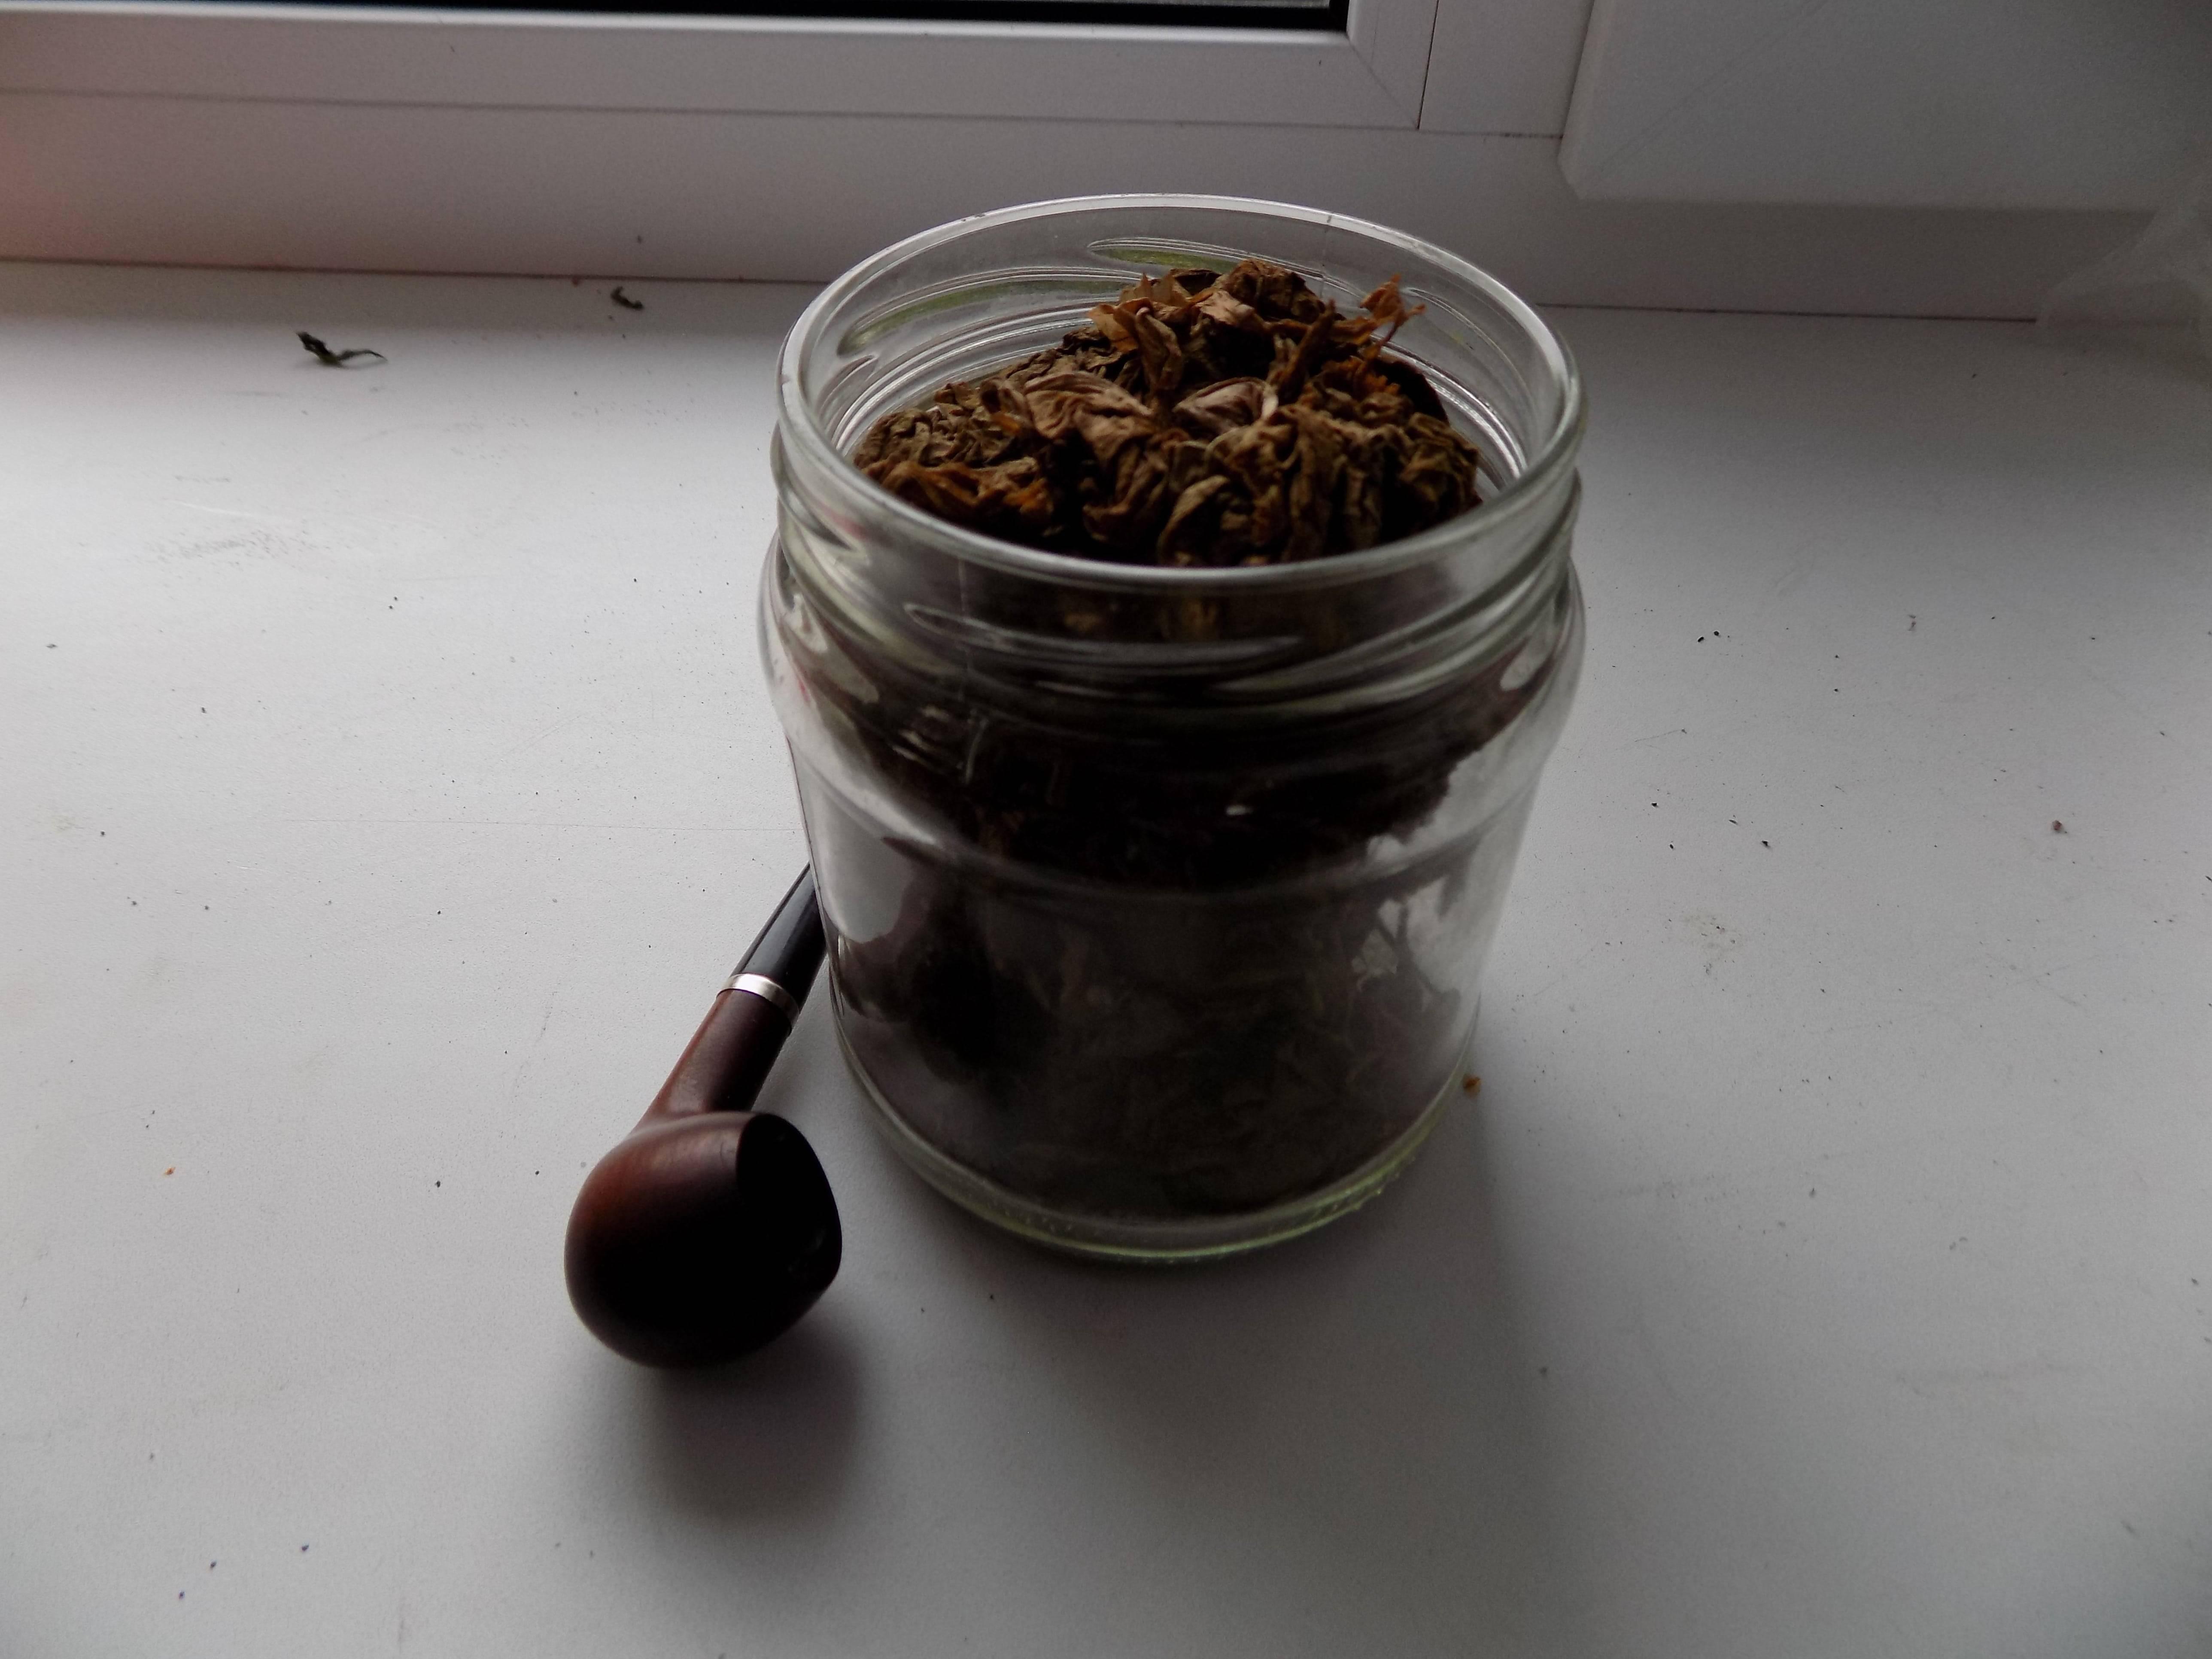 Как ароматизировать табак в домашних условиях самостоятельно | кладезь медицинской мудрости